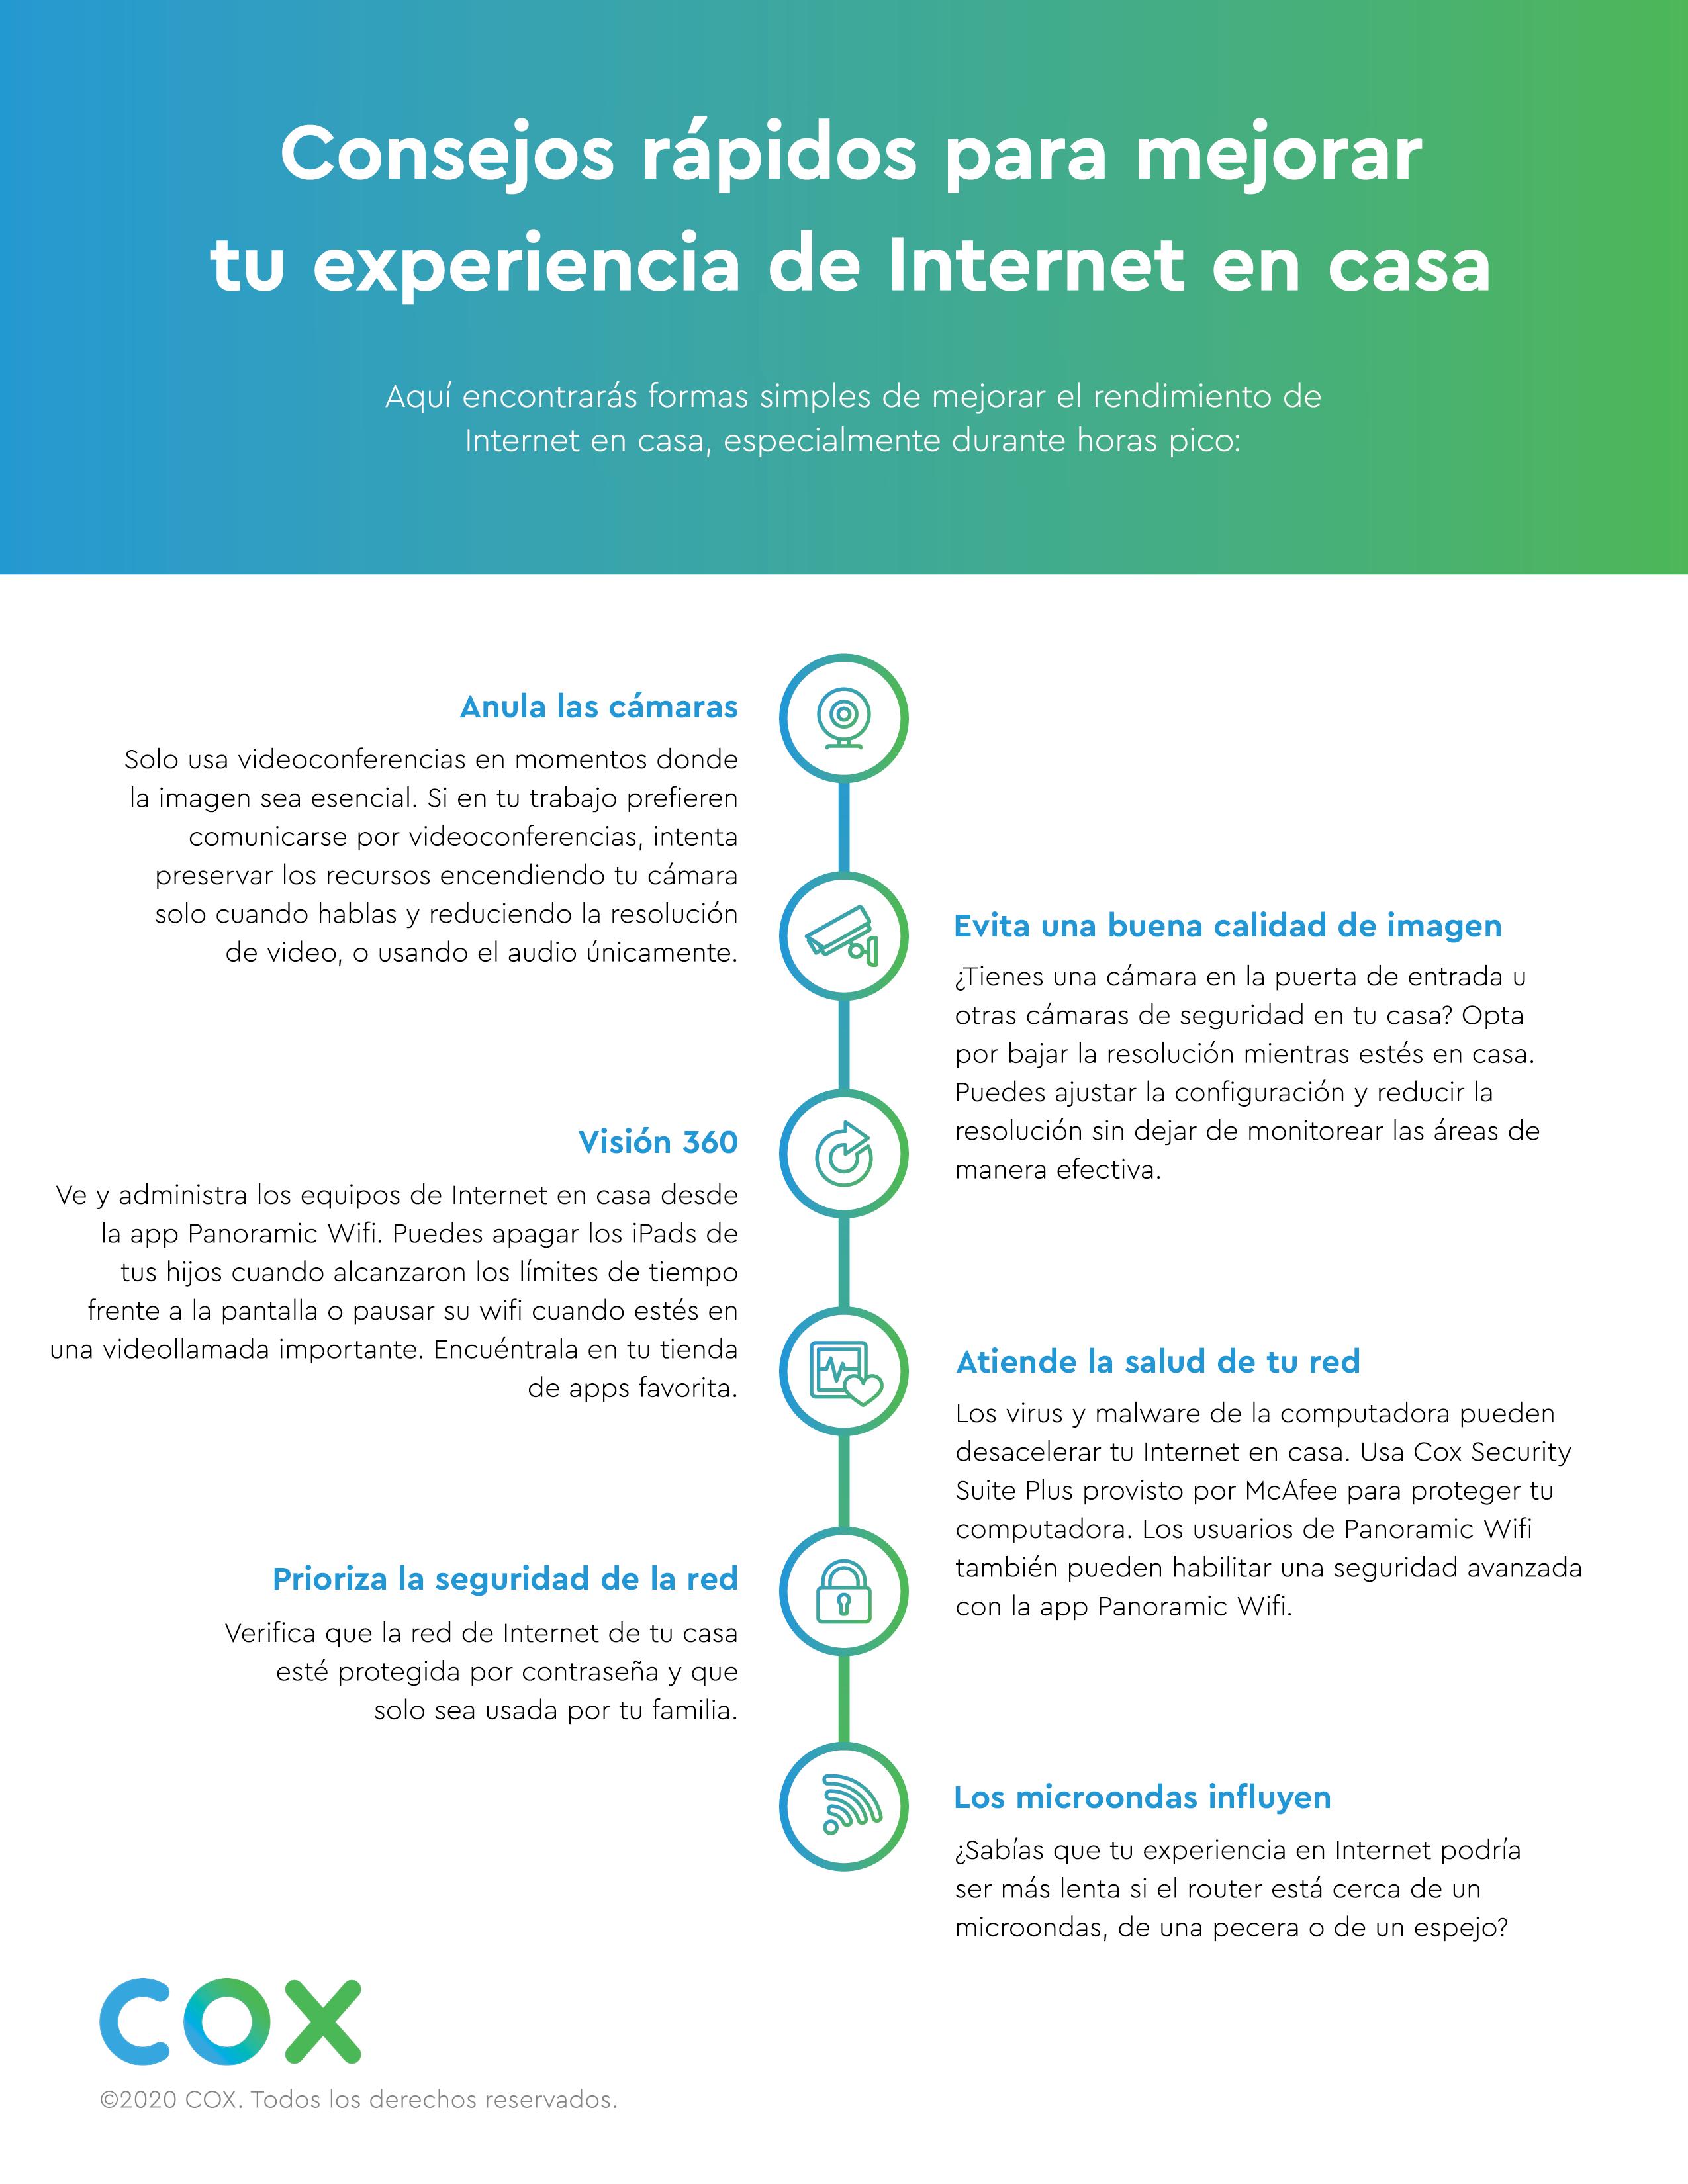 Infografía de consejos sobre Internet de Cox